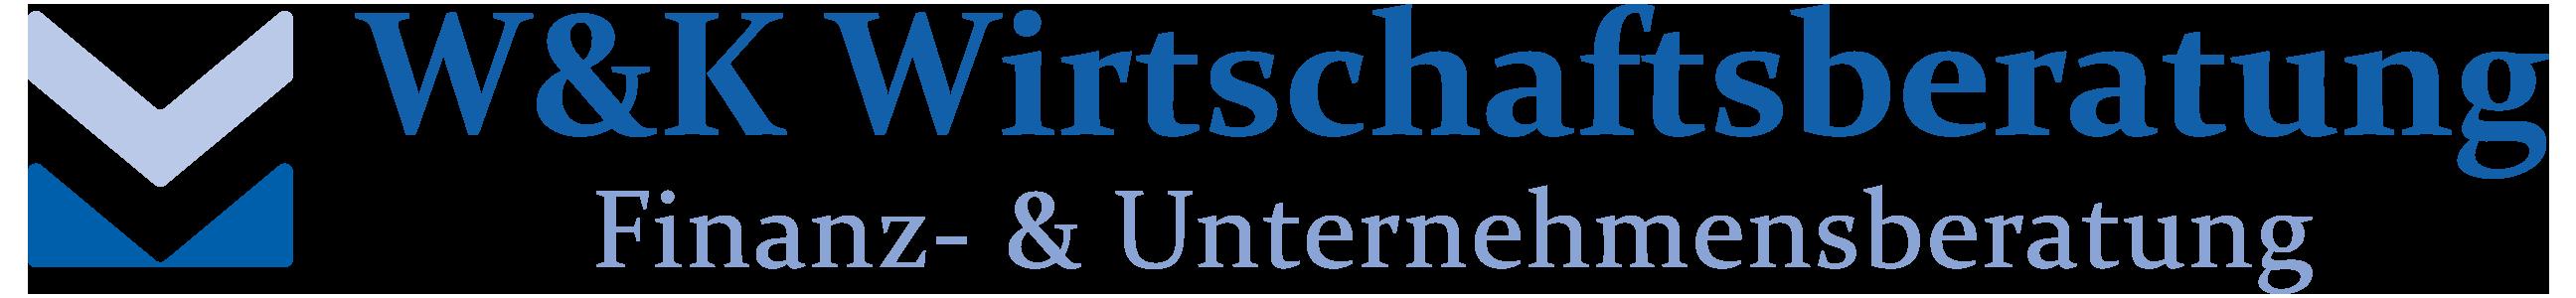 W&K Wirtschaftsberatung GmbH & Co. KG. Weissenrieder